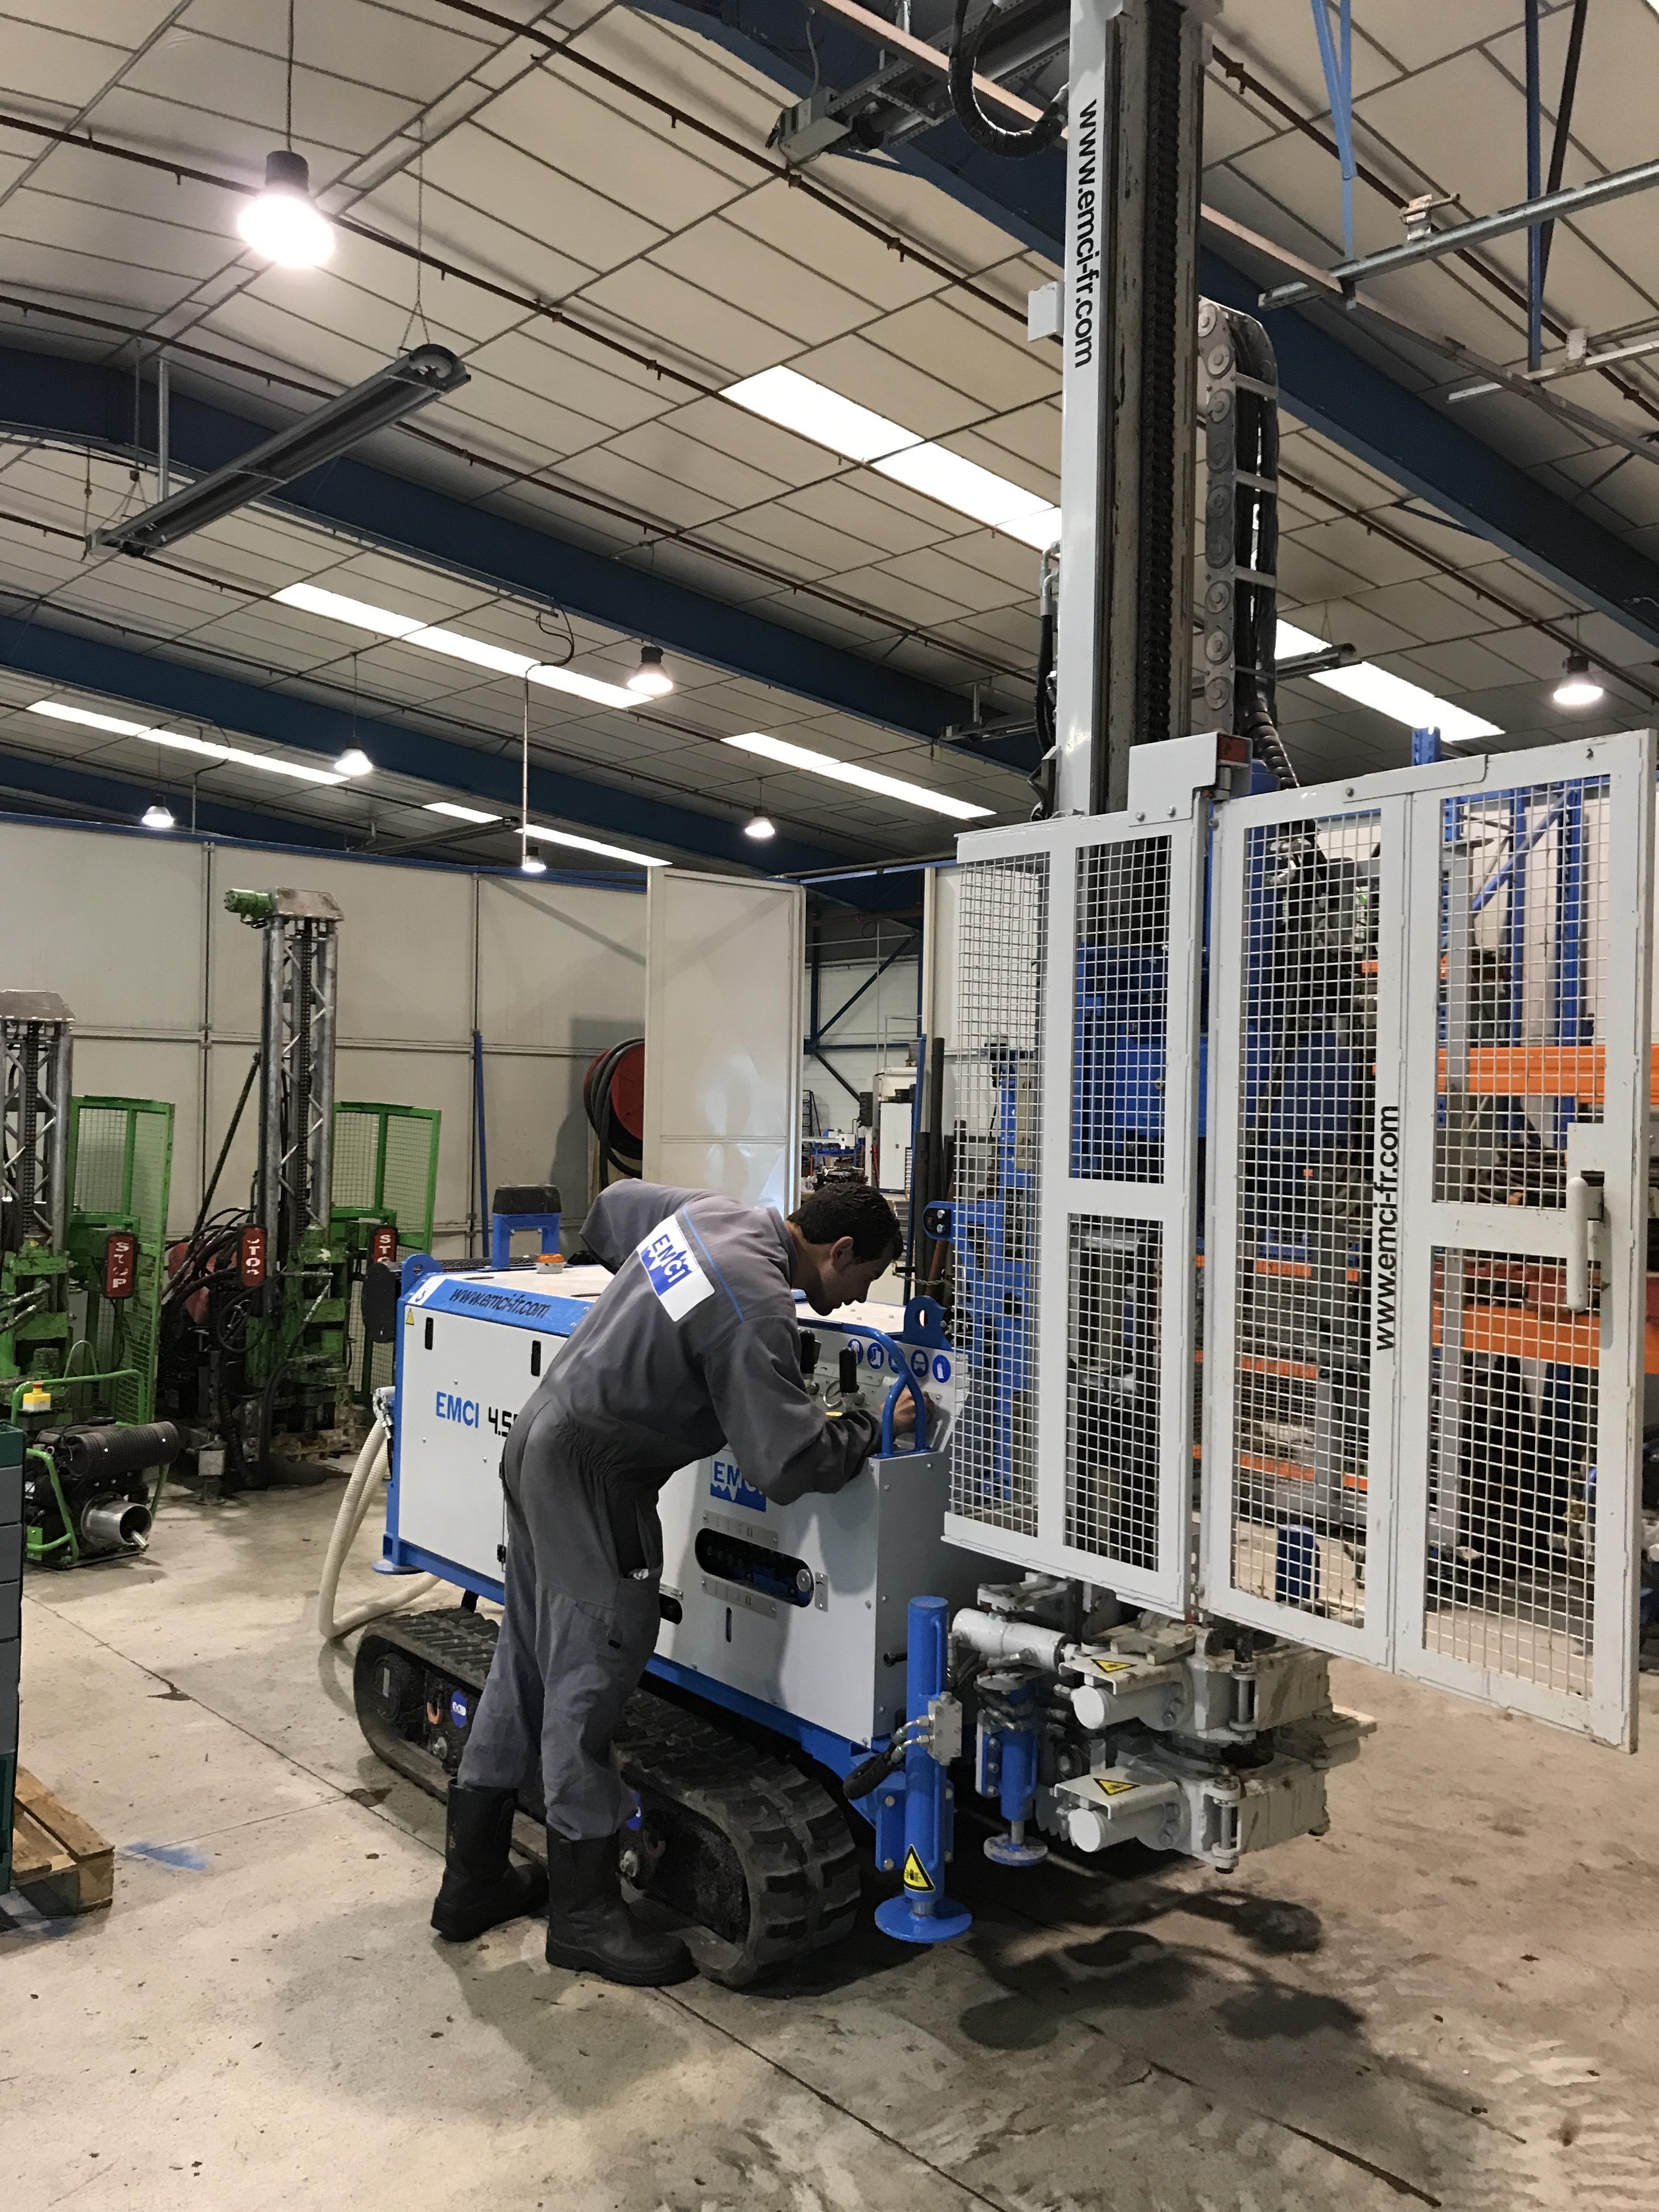 SAV EMCI - Nous assurons le dépannage sur site et la maintenance régulière dans nos ateliers de façon à vous proposer un service global. Les pièces de nos machines sont disponibles dans nos ateliers afin de limiter au maximum l'immobilisation du matériel en cas de panne.